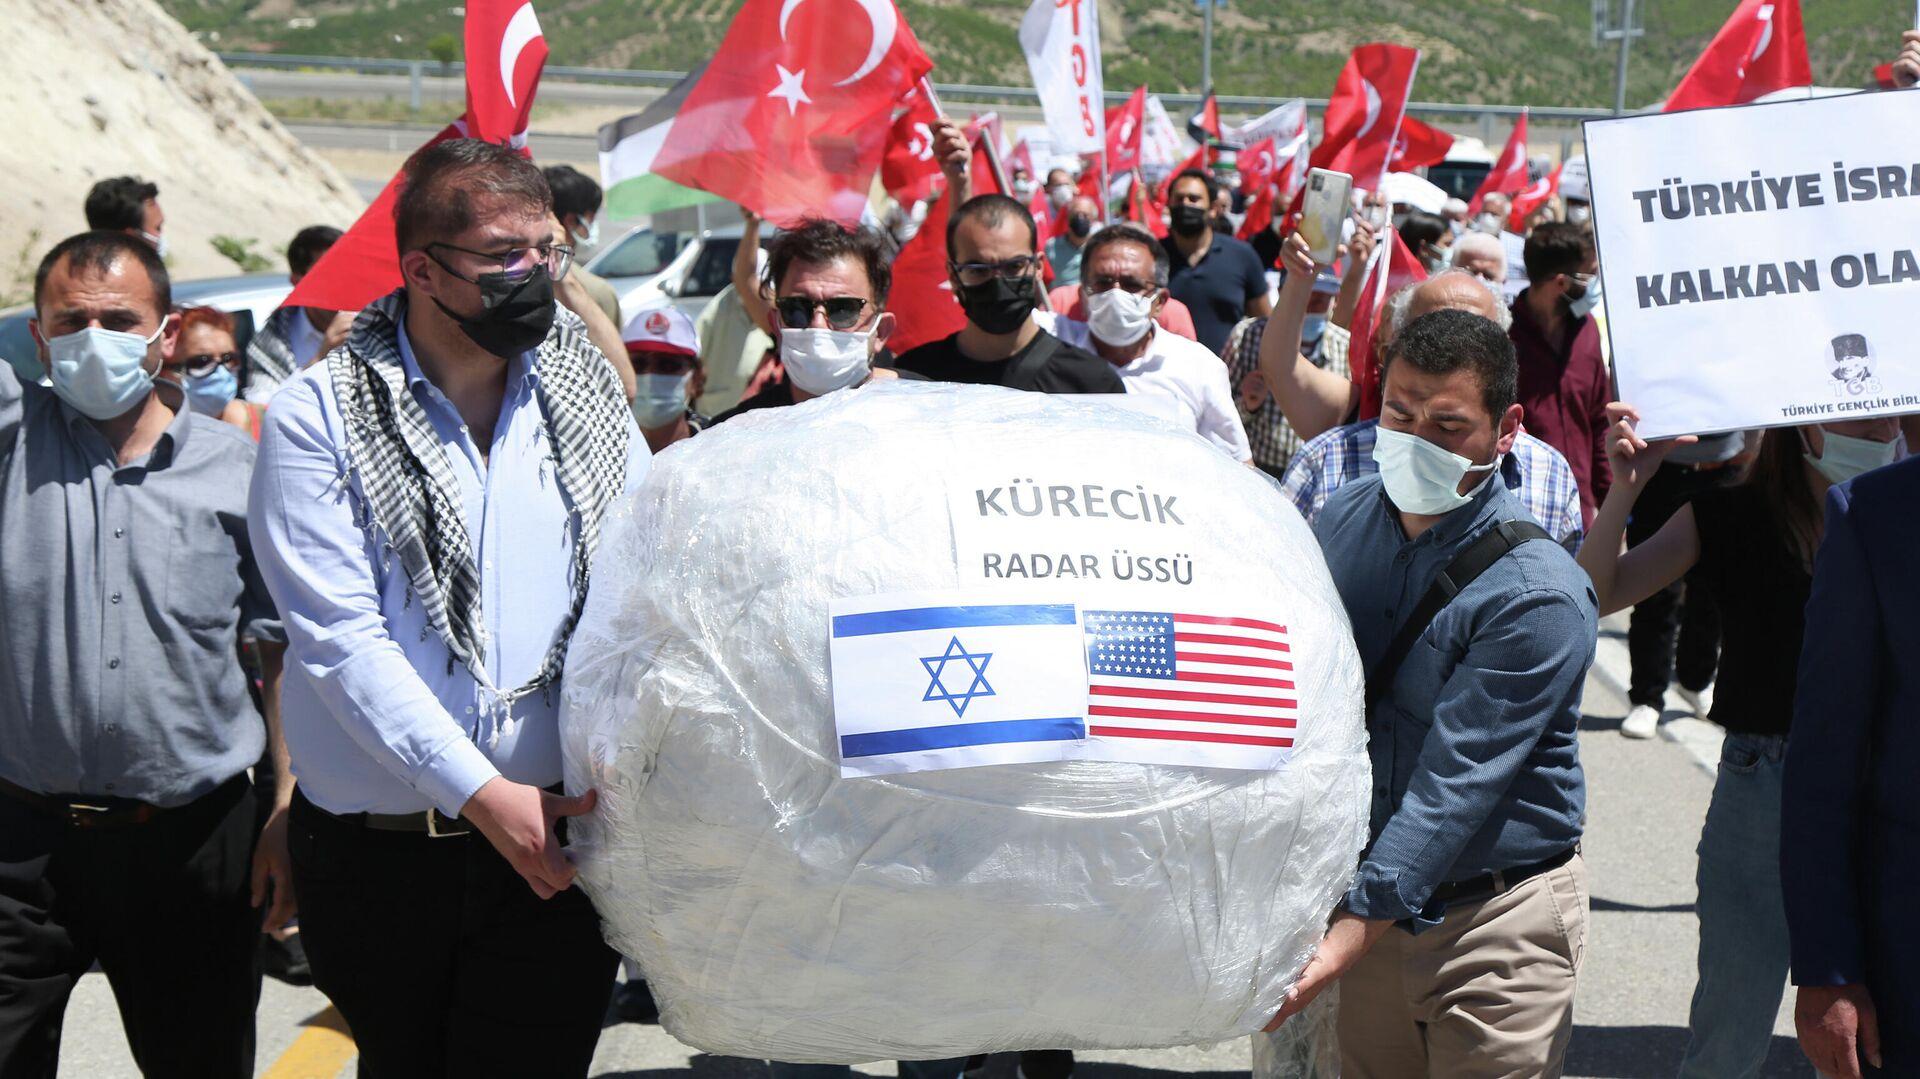 La manifestación cerca del radar Kurecik, en el este de Turquía - Sputnik Mundo, 1920, 20.05.2021